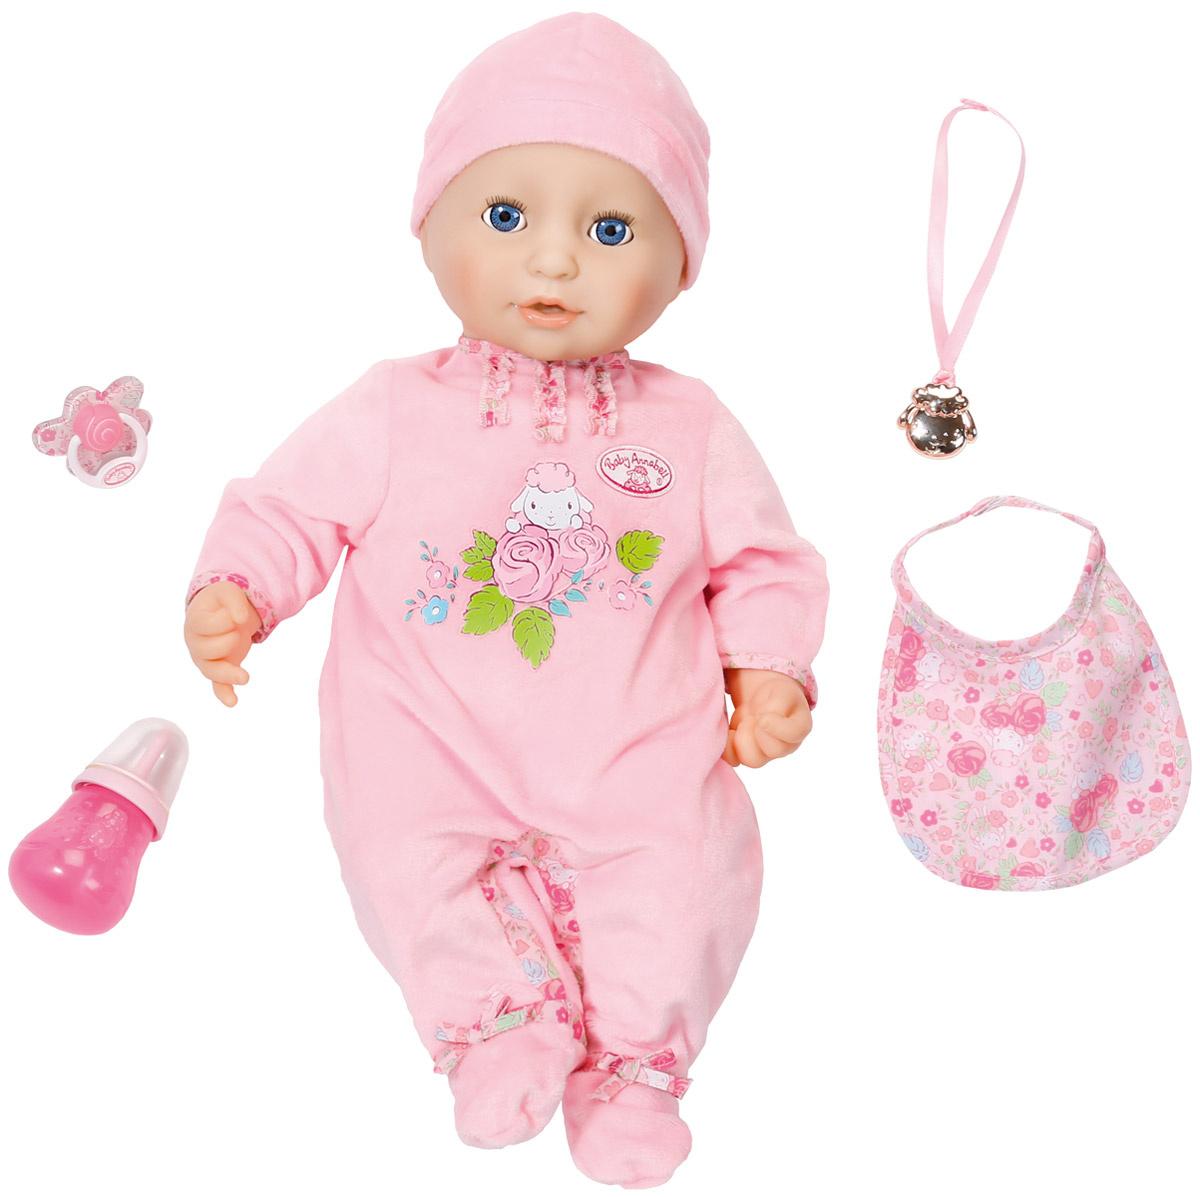 Baby Annabell Пупс с мимикой в розовом комбинезоне 794-821 #1